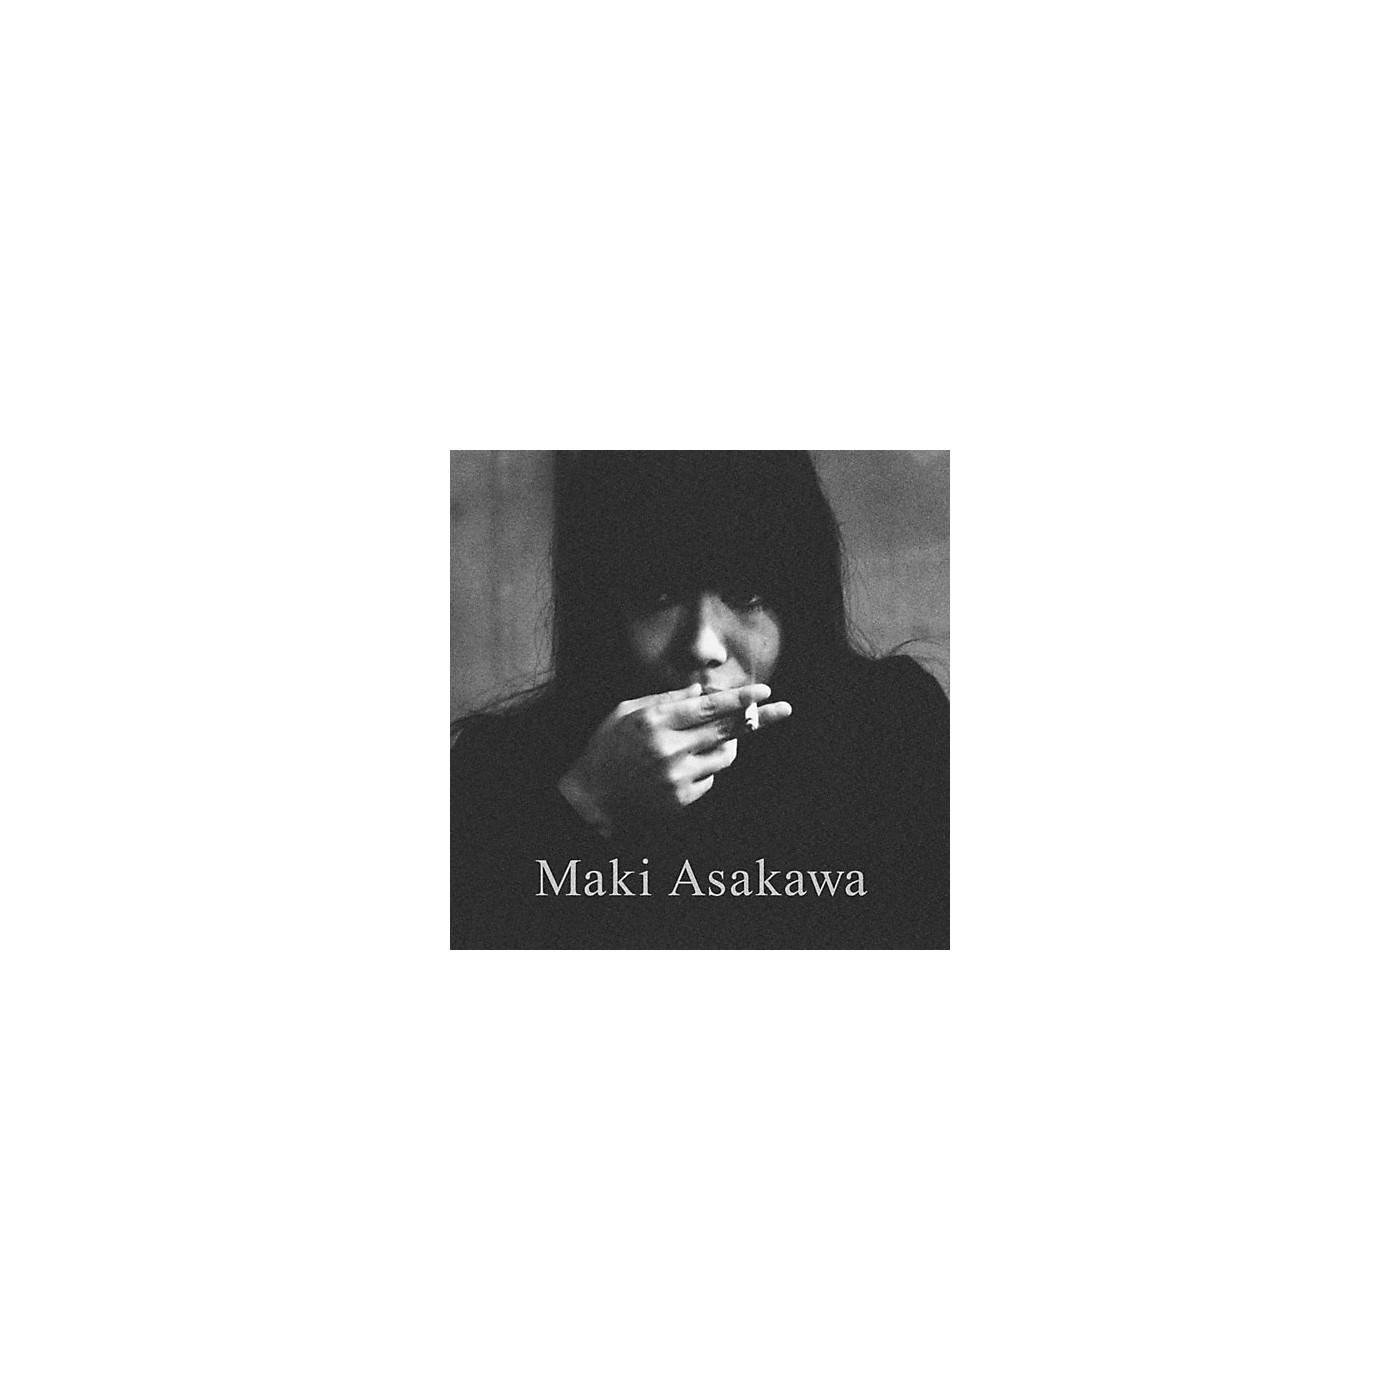 Alliance Maki Asakawa - Maki Asakawa thumbnail